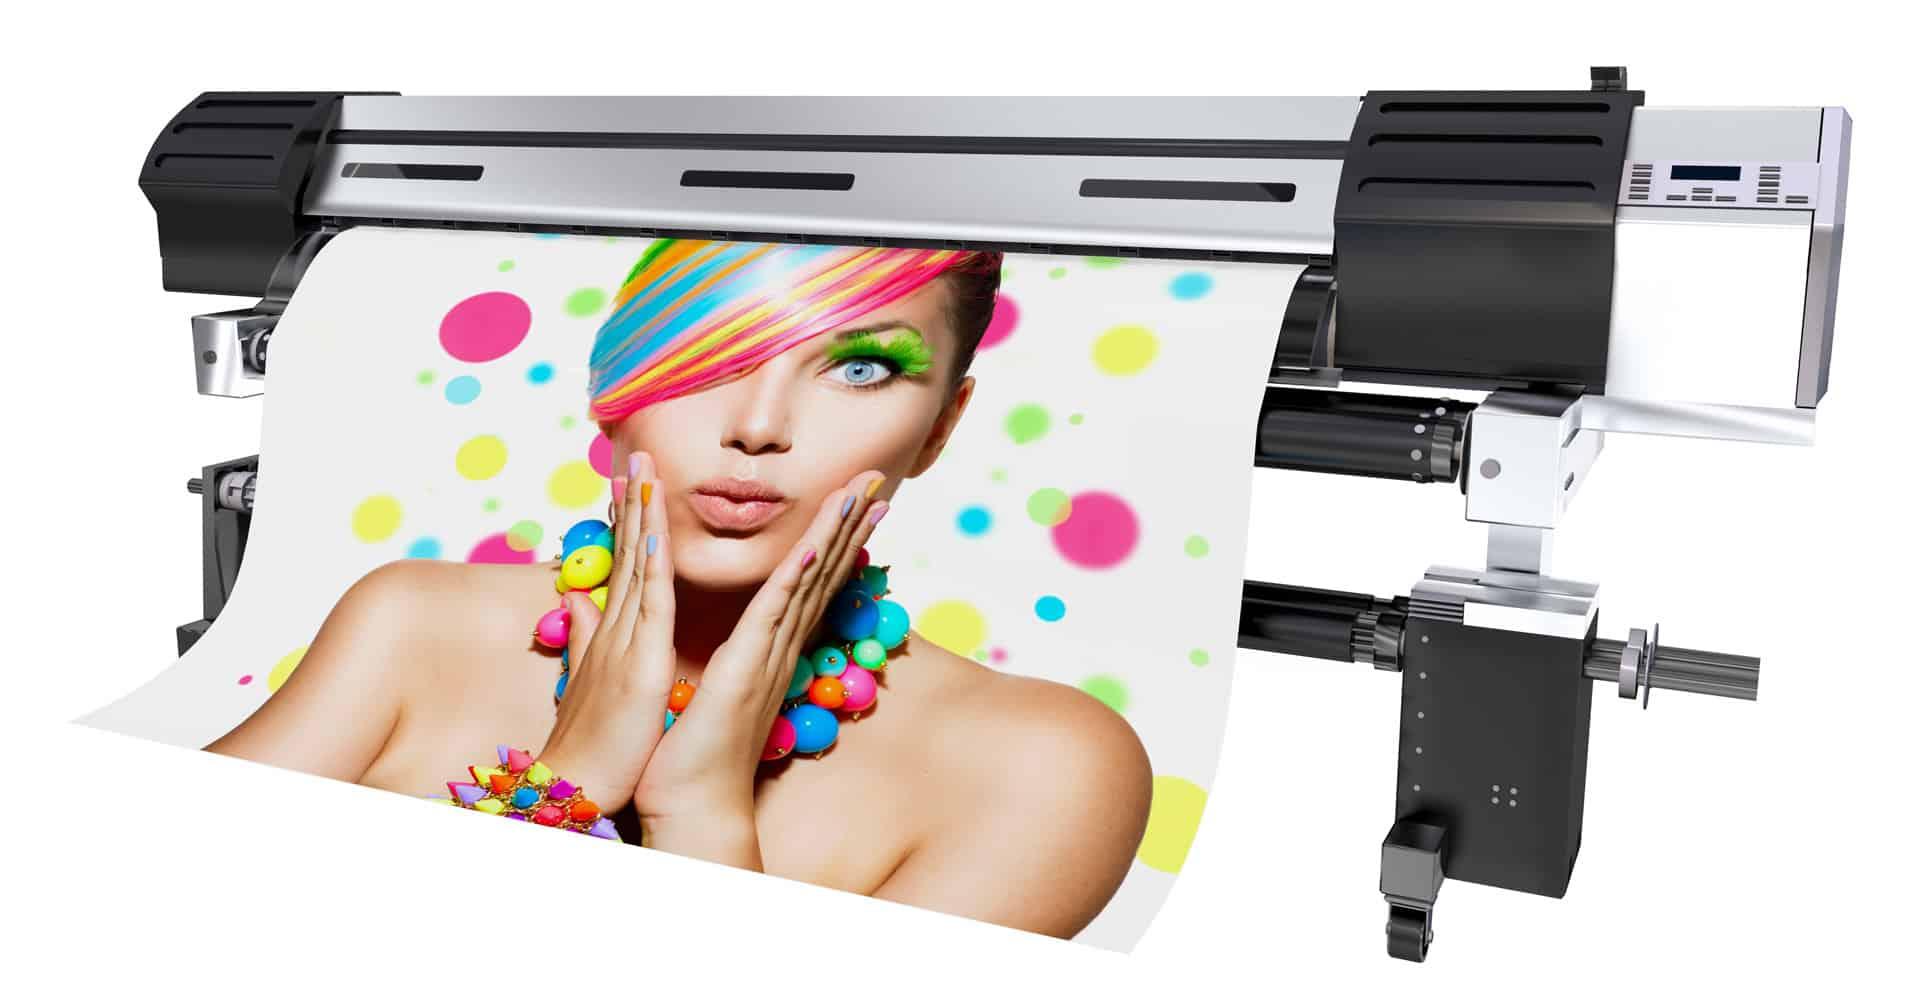 Drukarka wielkoformatowa drukująca baner reklamowy przedstawiający zdziwioną kobietę o kolorowych włosach.